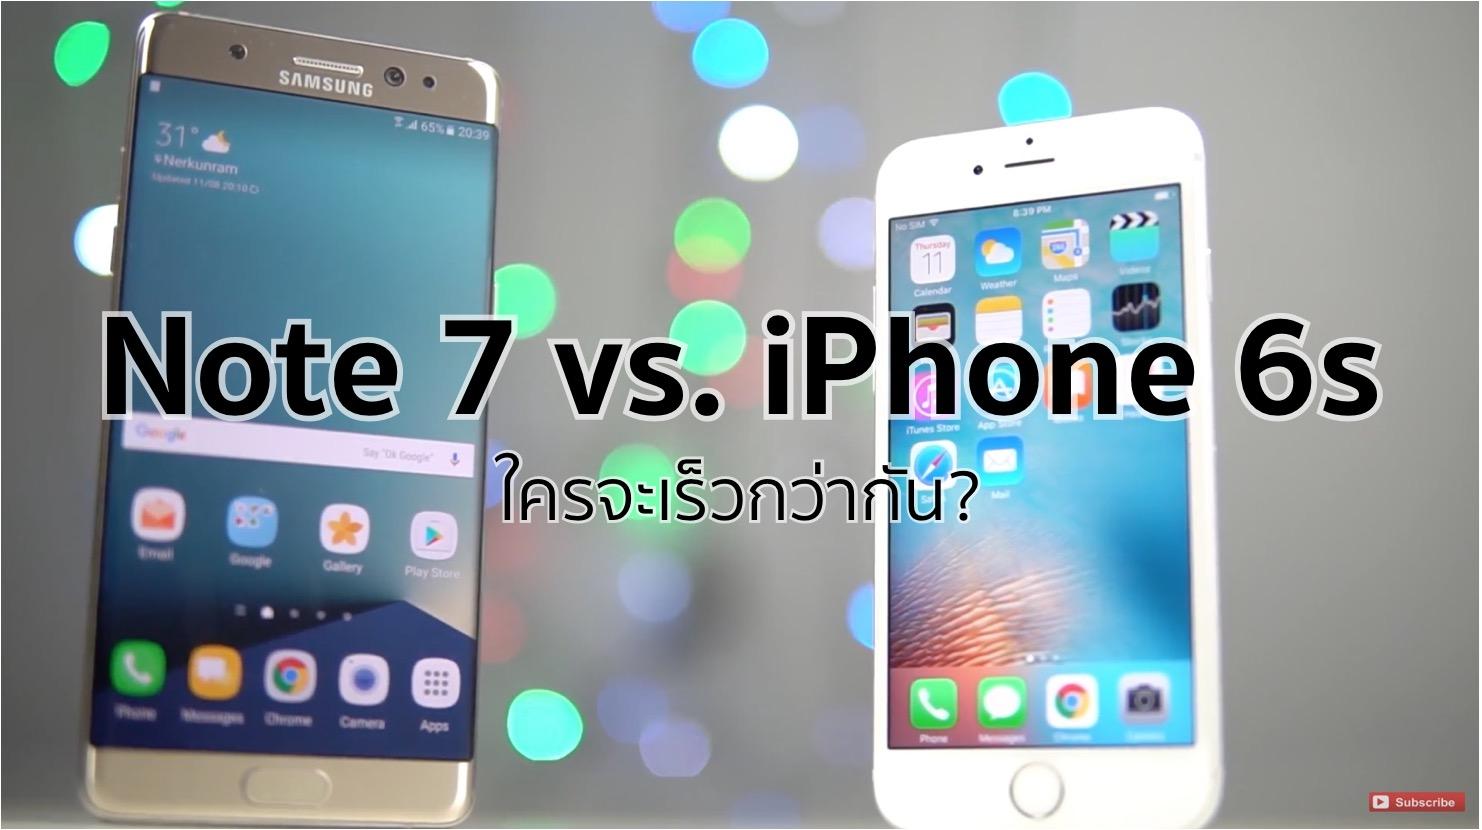 มาดูคริปกัน ว่าทำไม iPhone6s ถึงทำงานได้ดีกว่า SS Note7 ทั้งที่สเป็คต่างๆต่ำกว่า ครึ่งนึง !!!